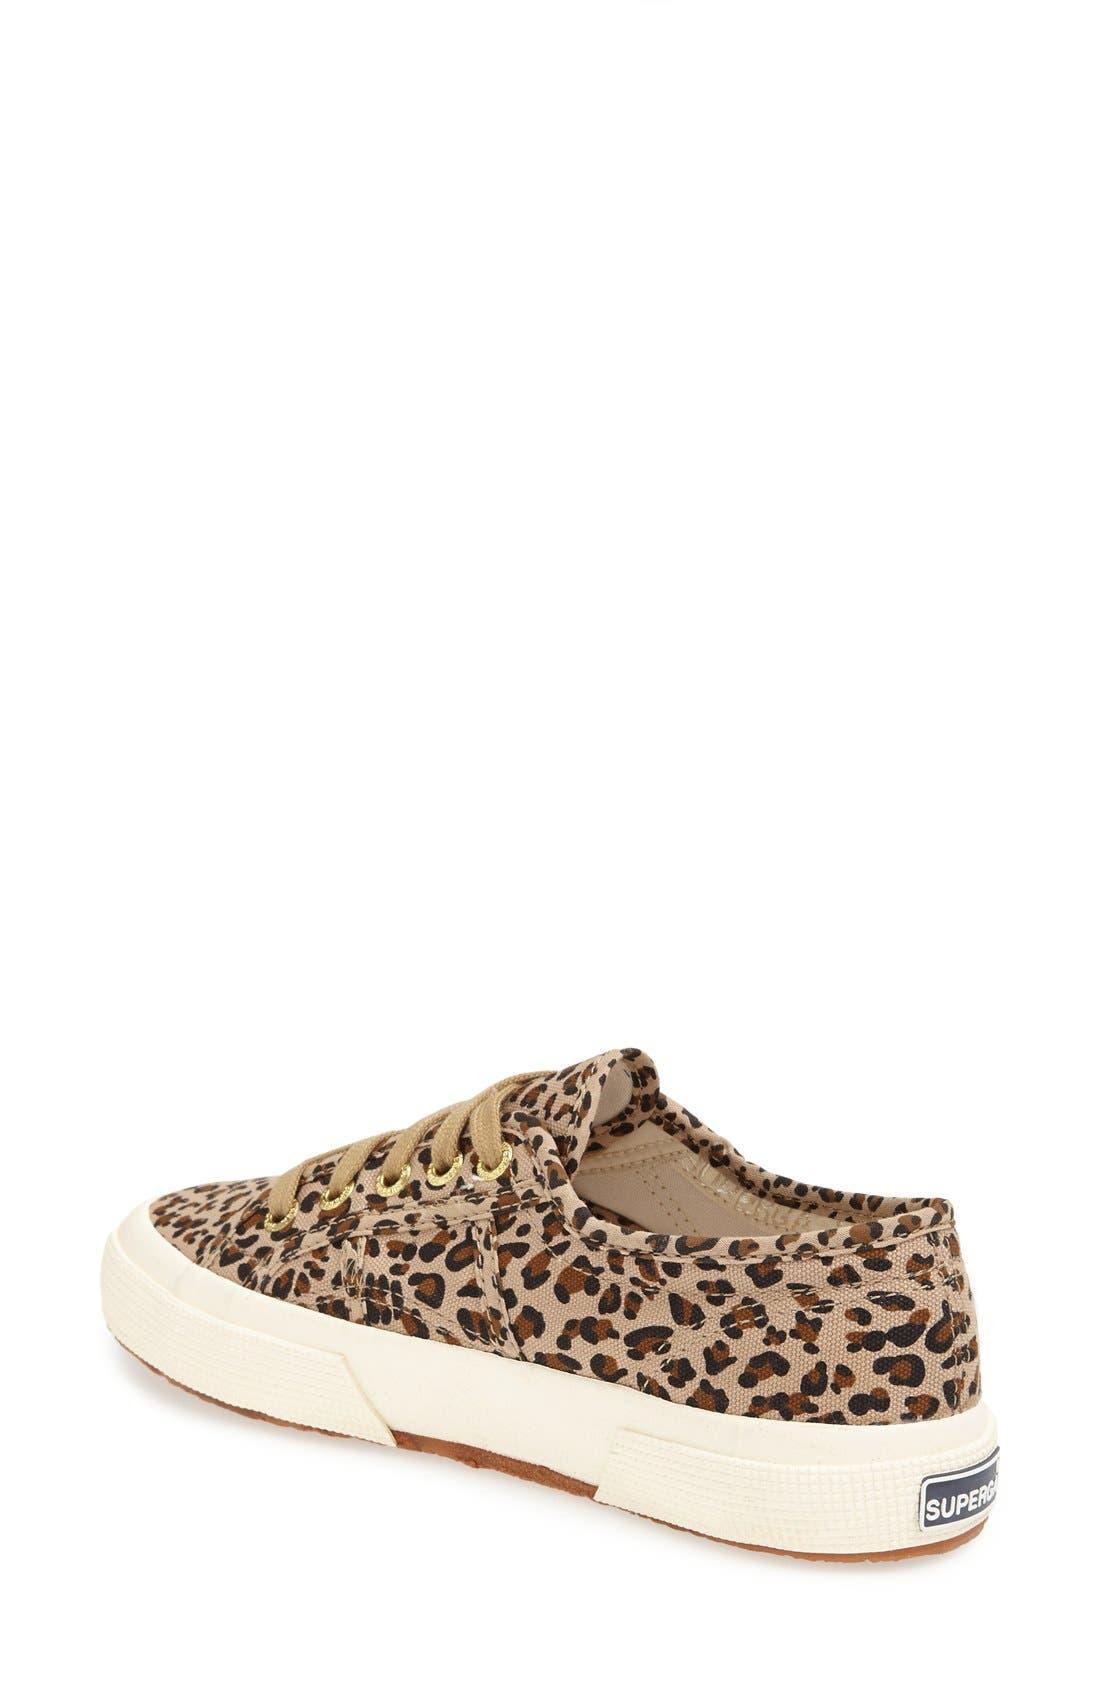 Alternate Image 2  - Superga 'Leo' Leopard Spot Slip-On Sneaker (Women)